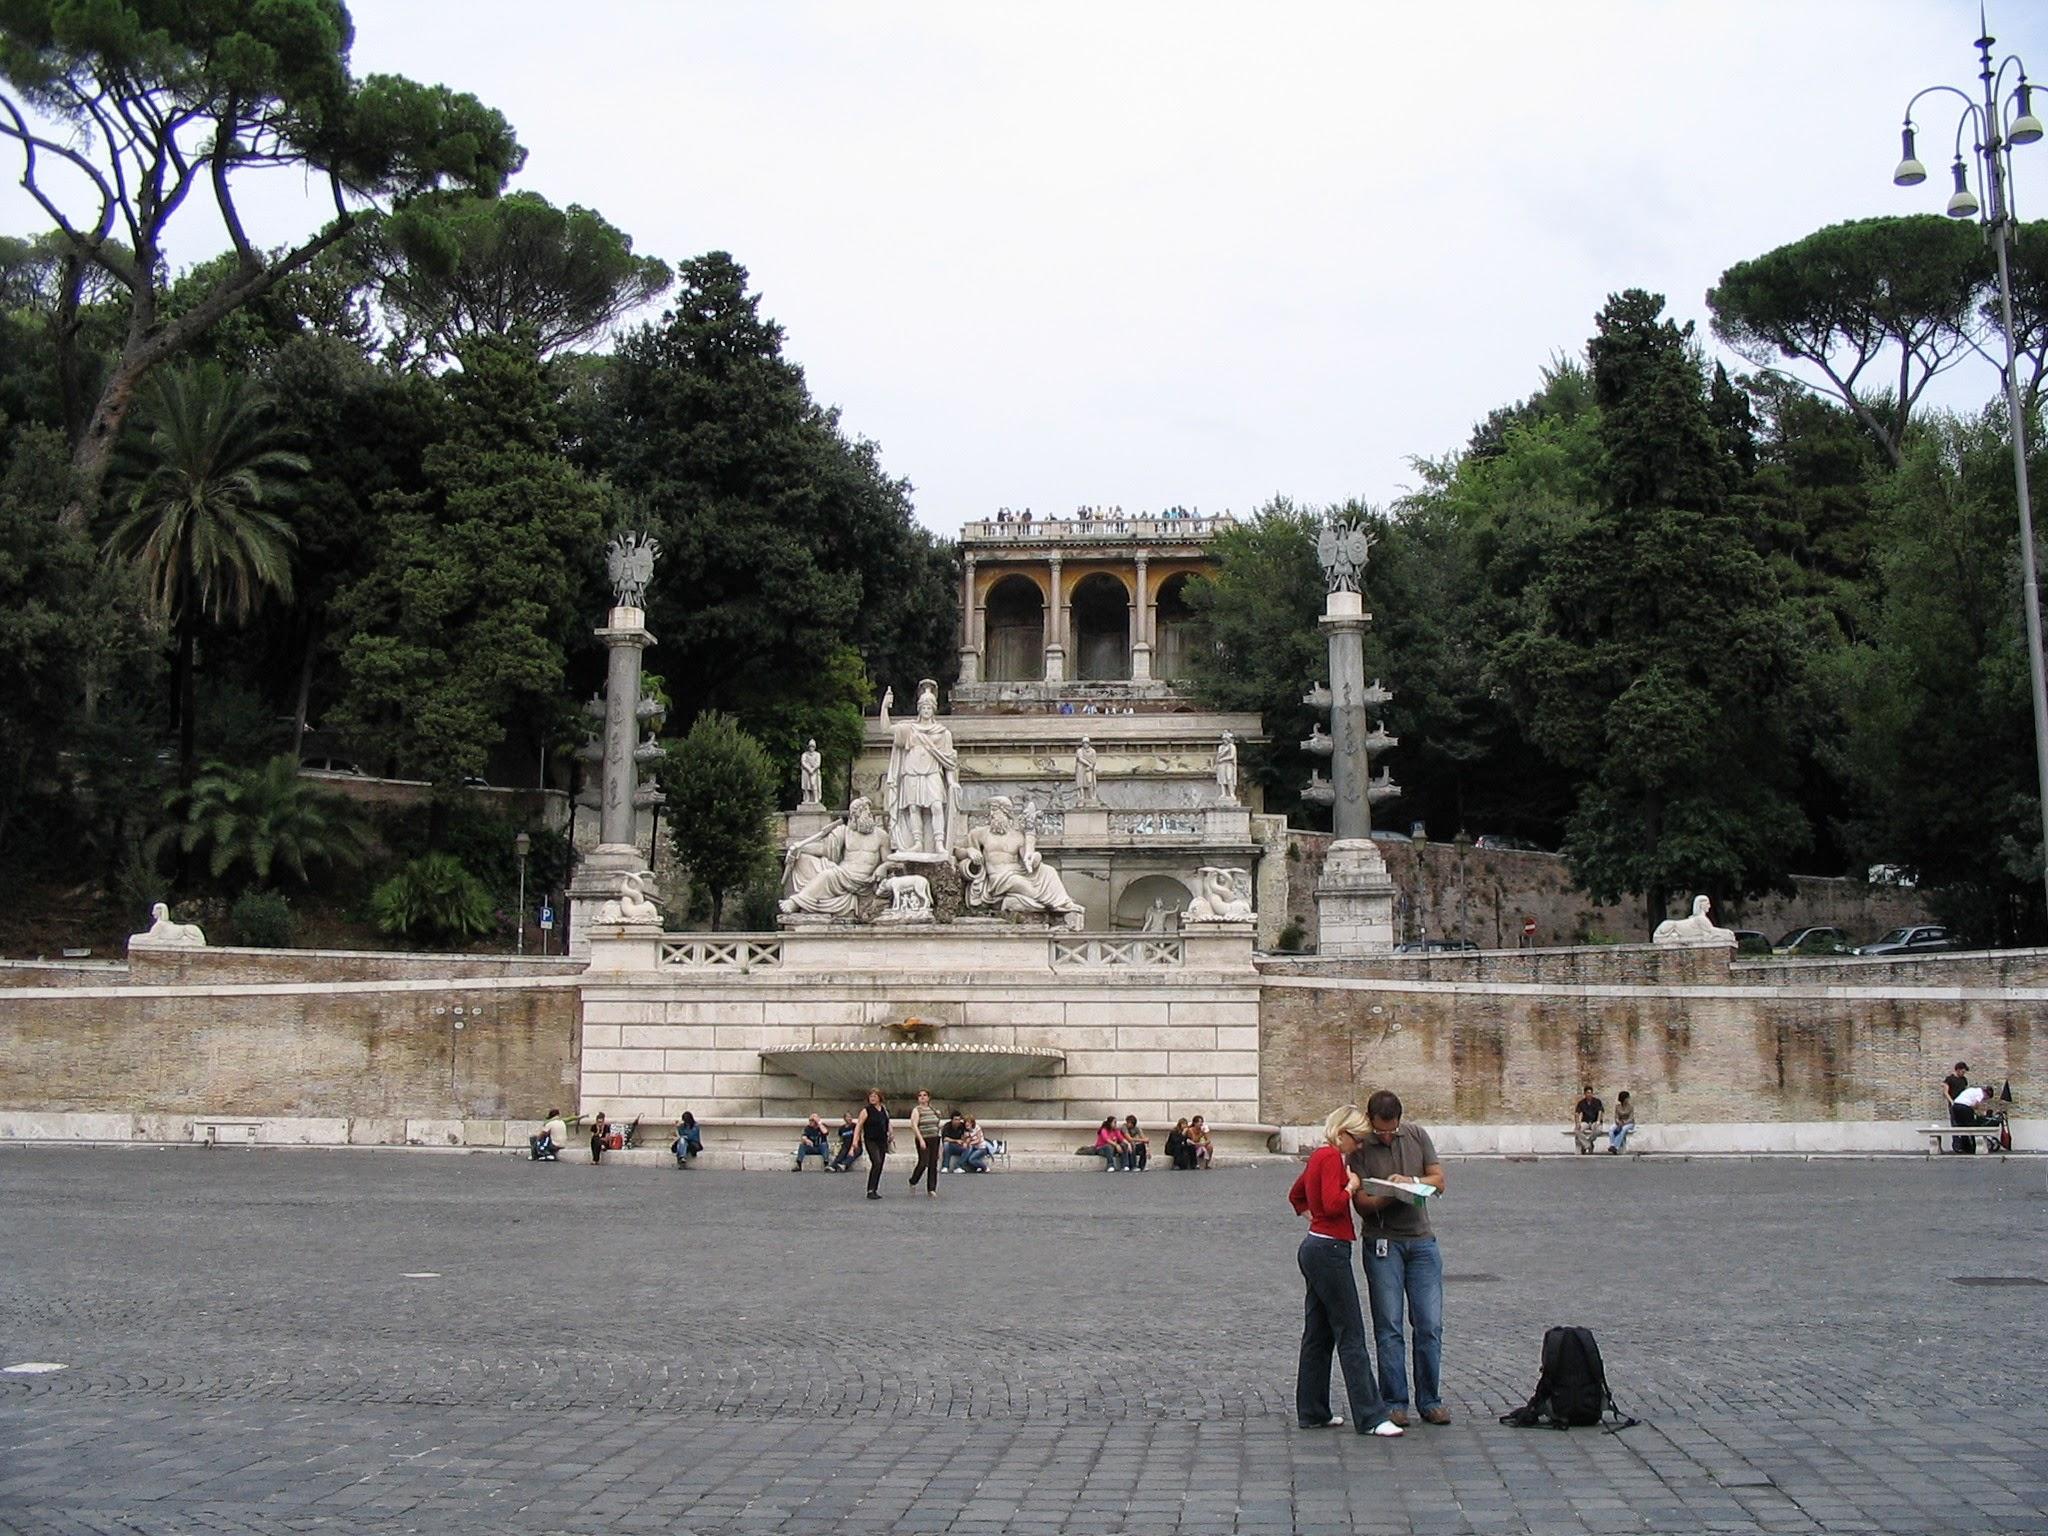 Piazza del Popolo Churches and Obelisk 10